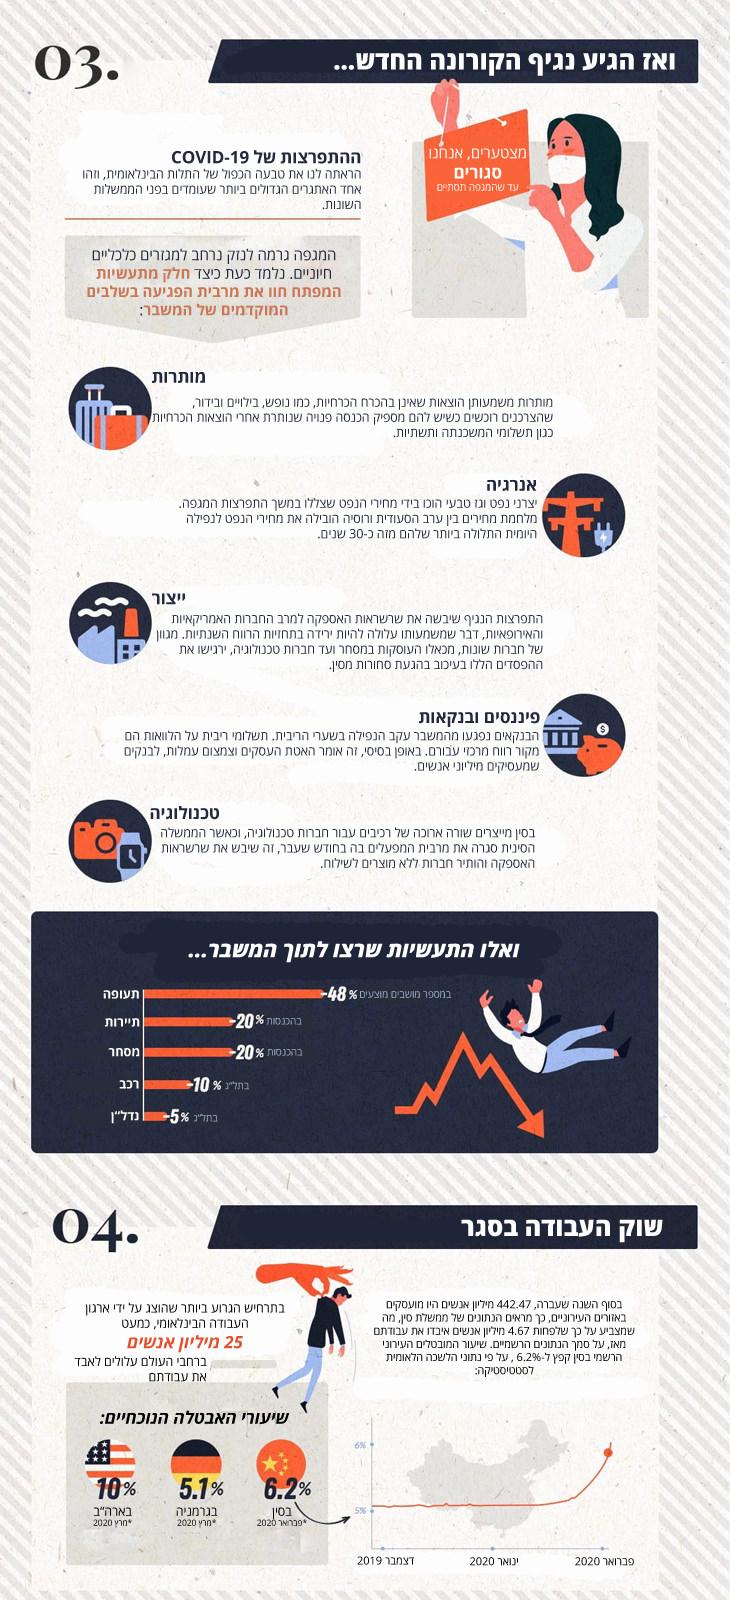 המחיר הכלכלי של הקורונה - אינפוגרפיקה